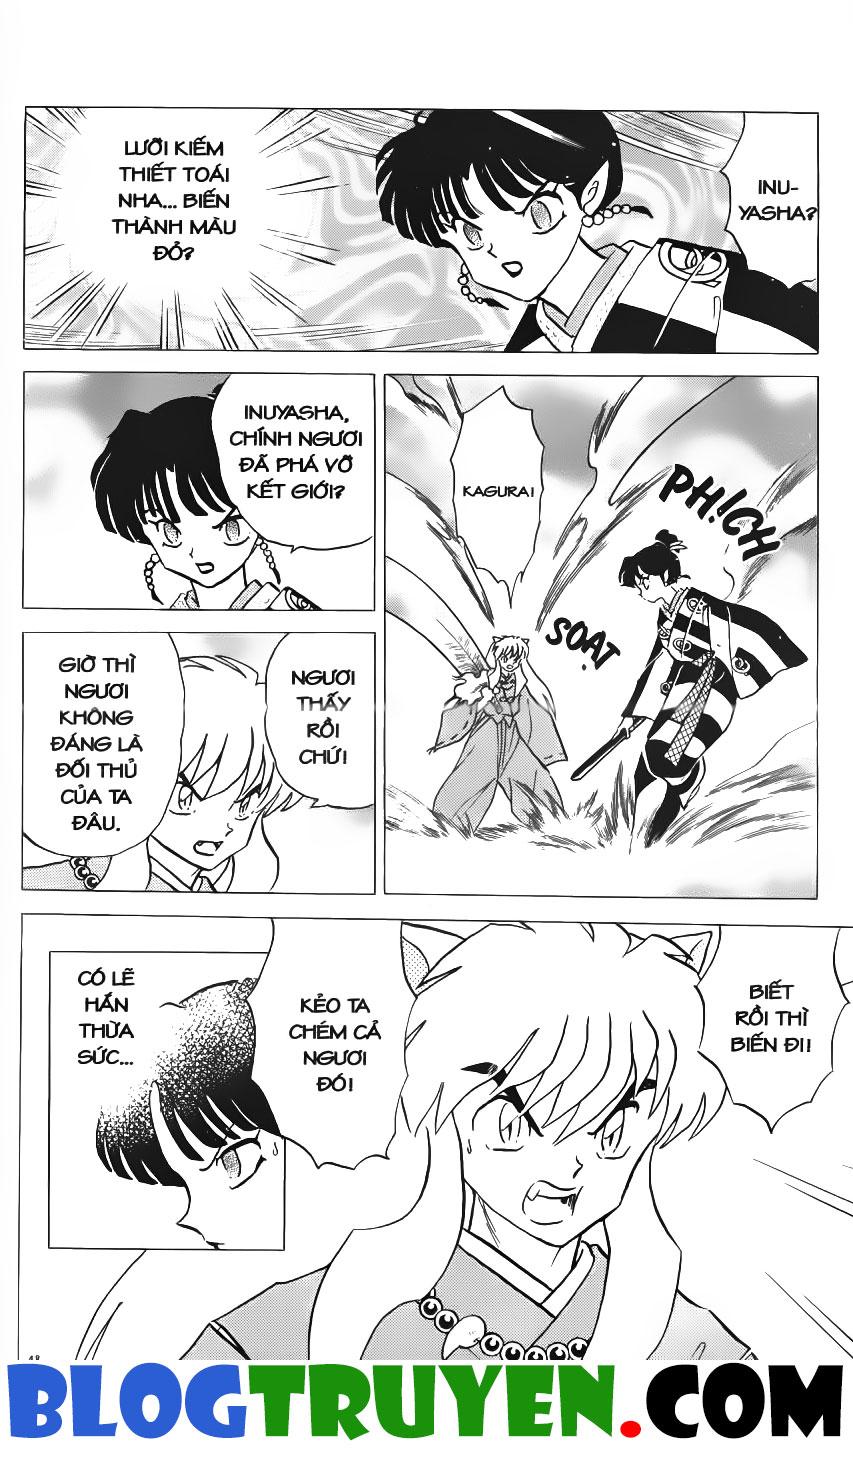 Inuyasha vol 23.3 trang 9